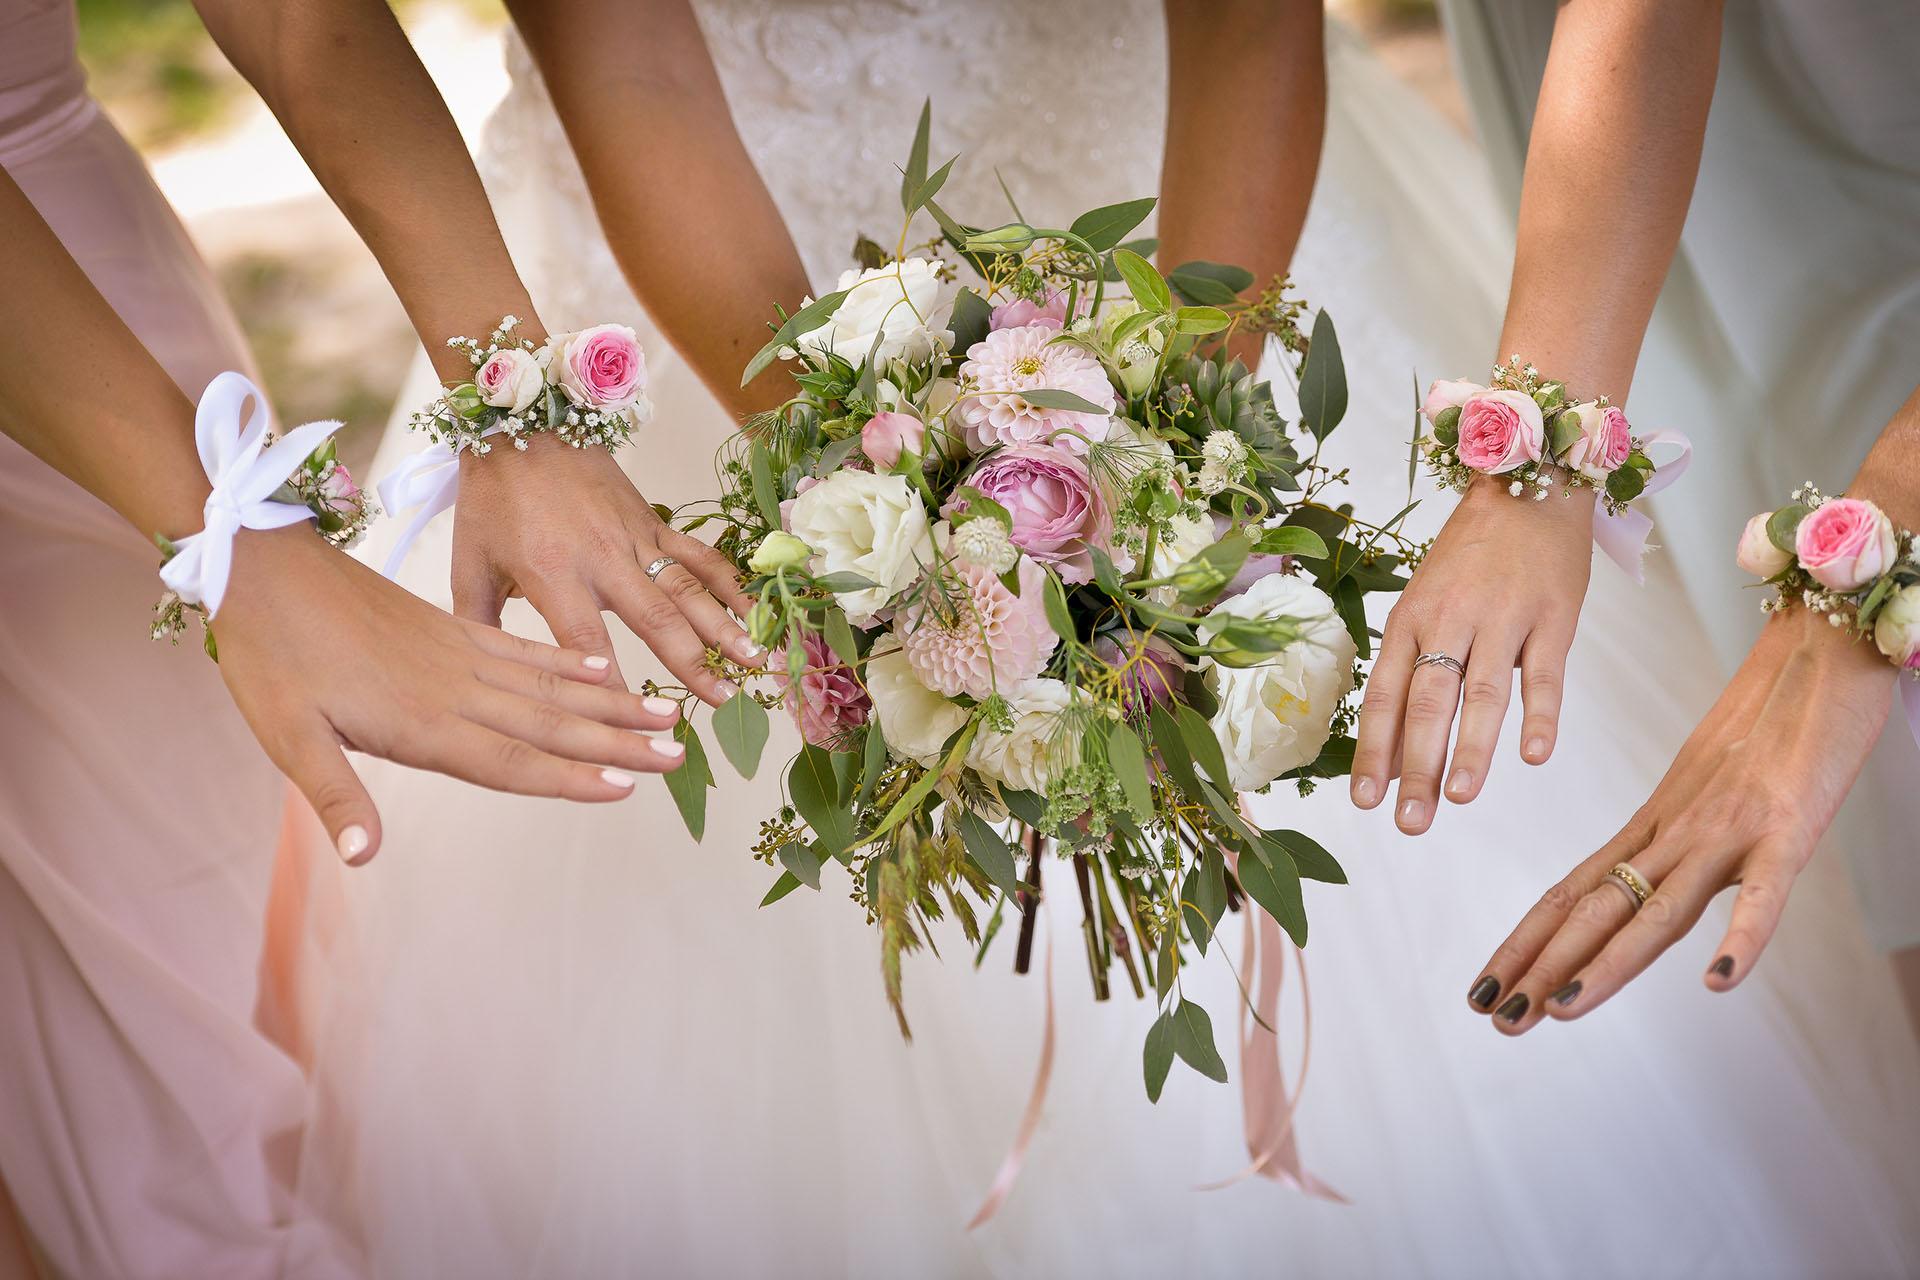 photographe-ile-de-france-mariage-maya-angelsen-fanny-pierre-gabriel-seine-saint-denis